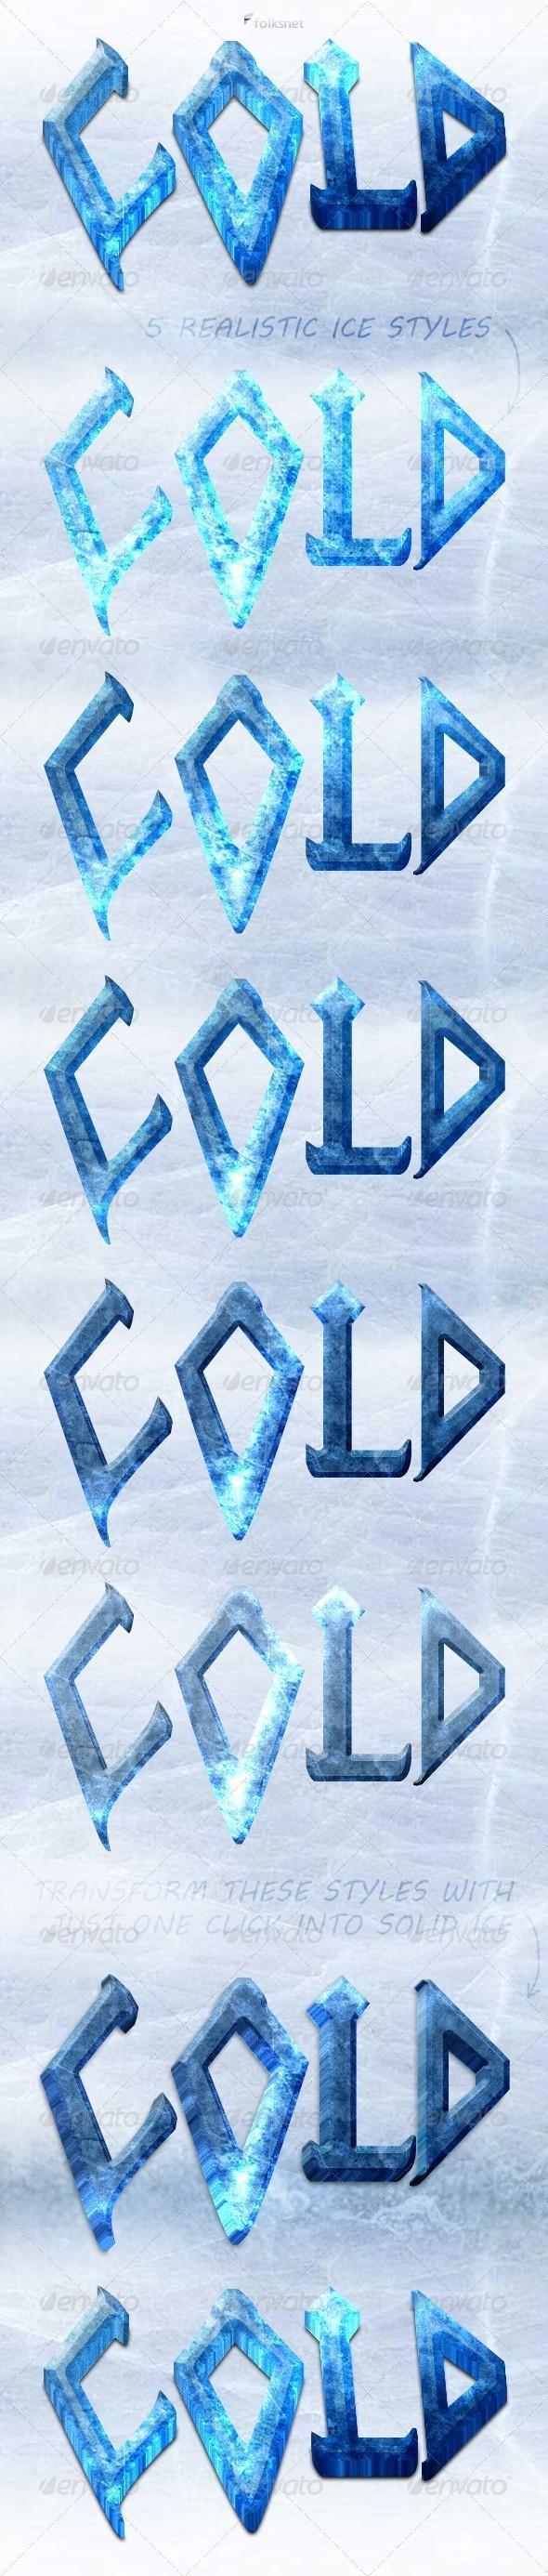 Ice and snow photoshop styles psddude ice styles photoshop baditri Images